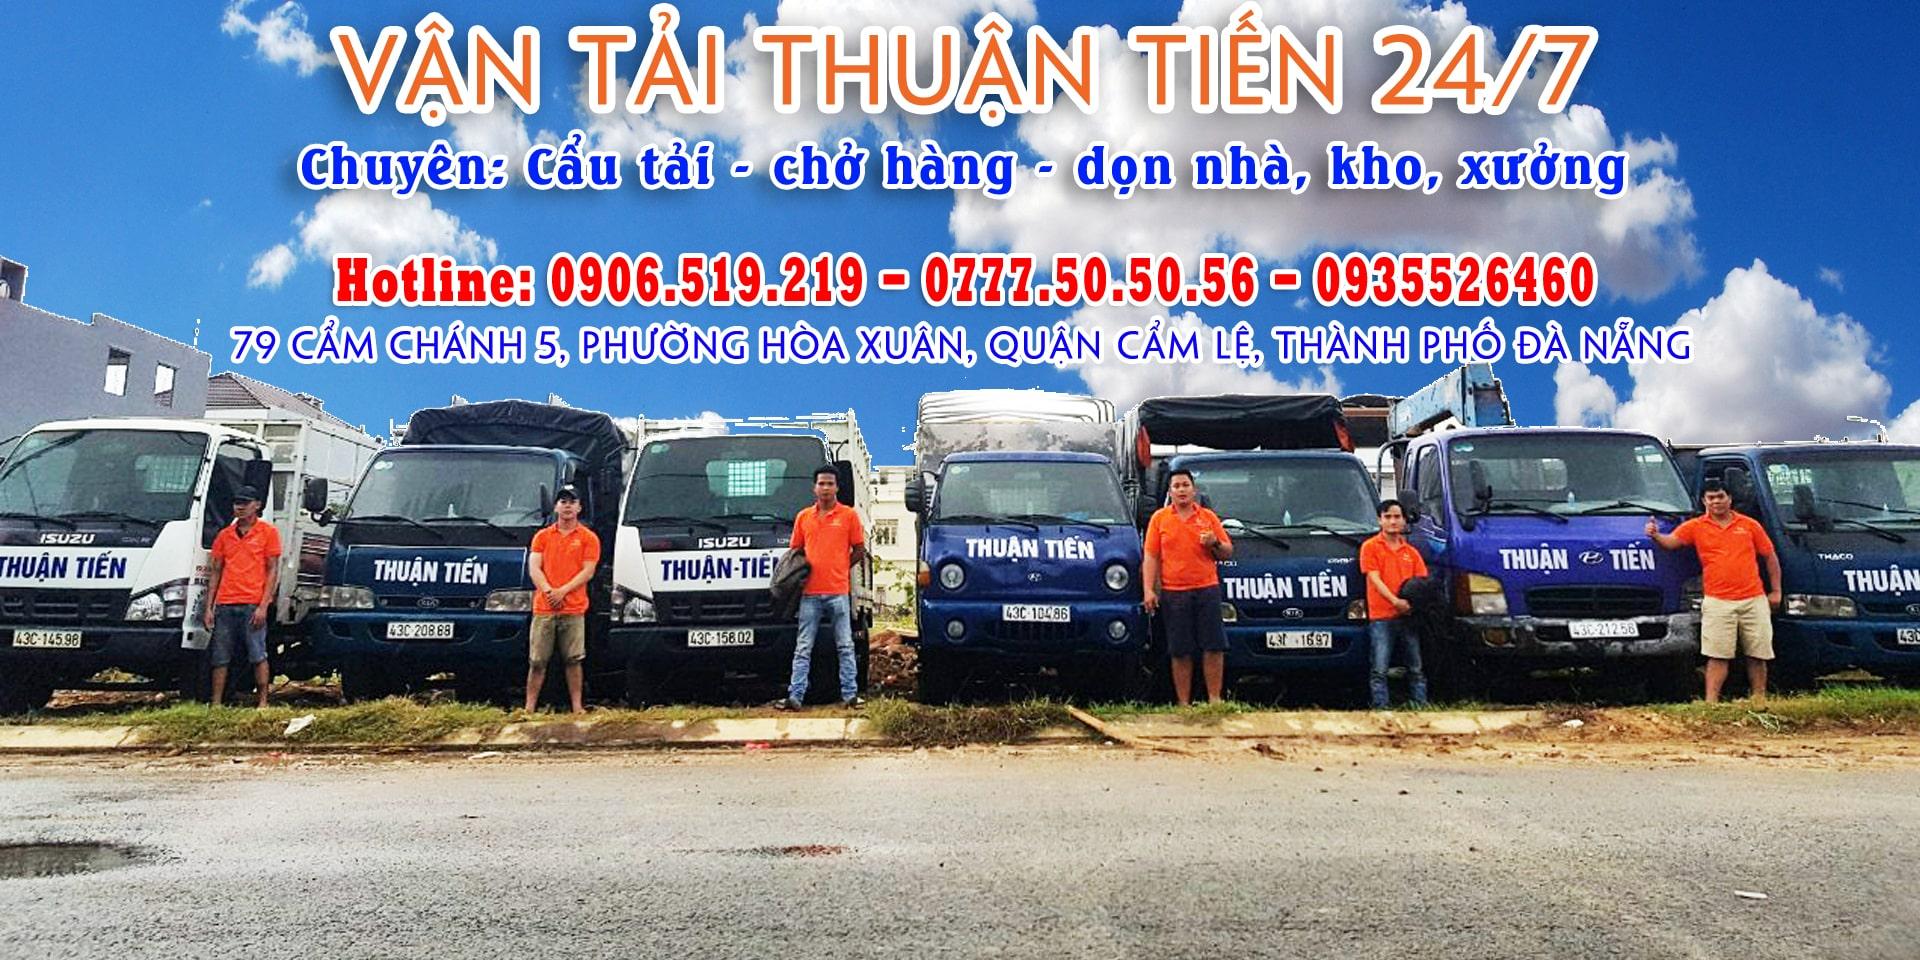 Anh em tài xế Thuận Tiến 24/7 sẳn sàng để phục vụ quý khách